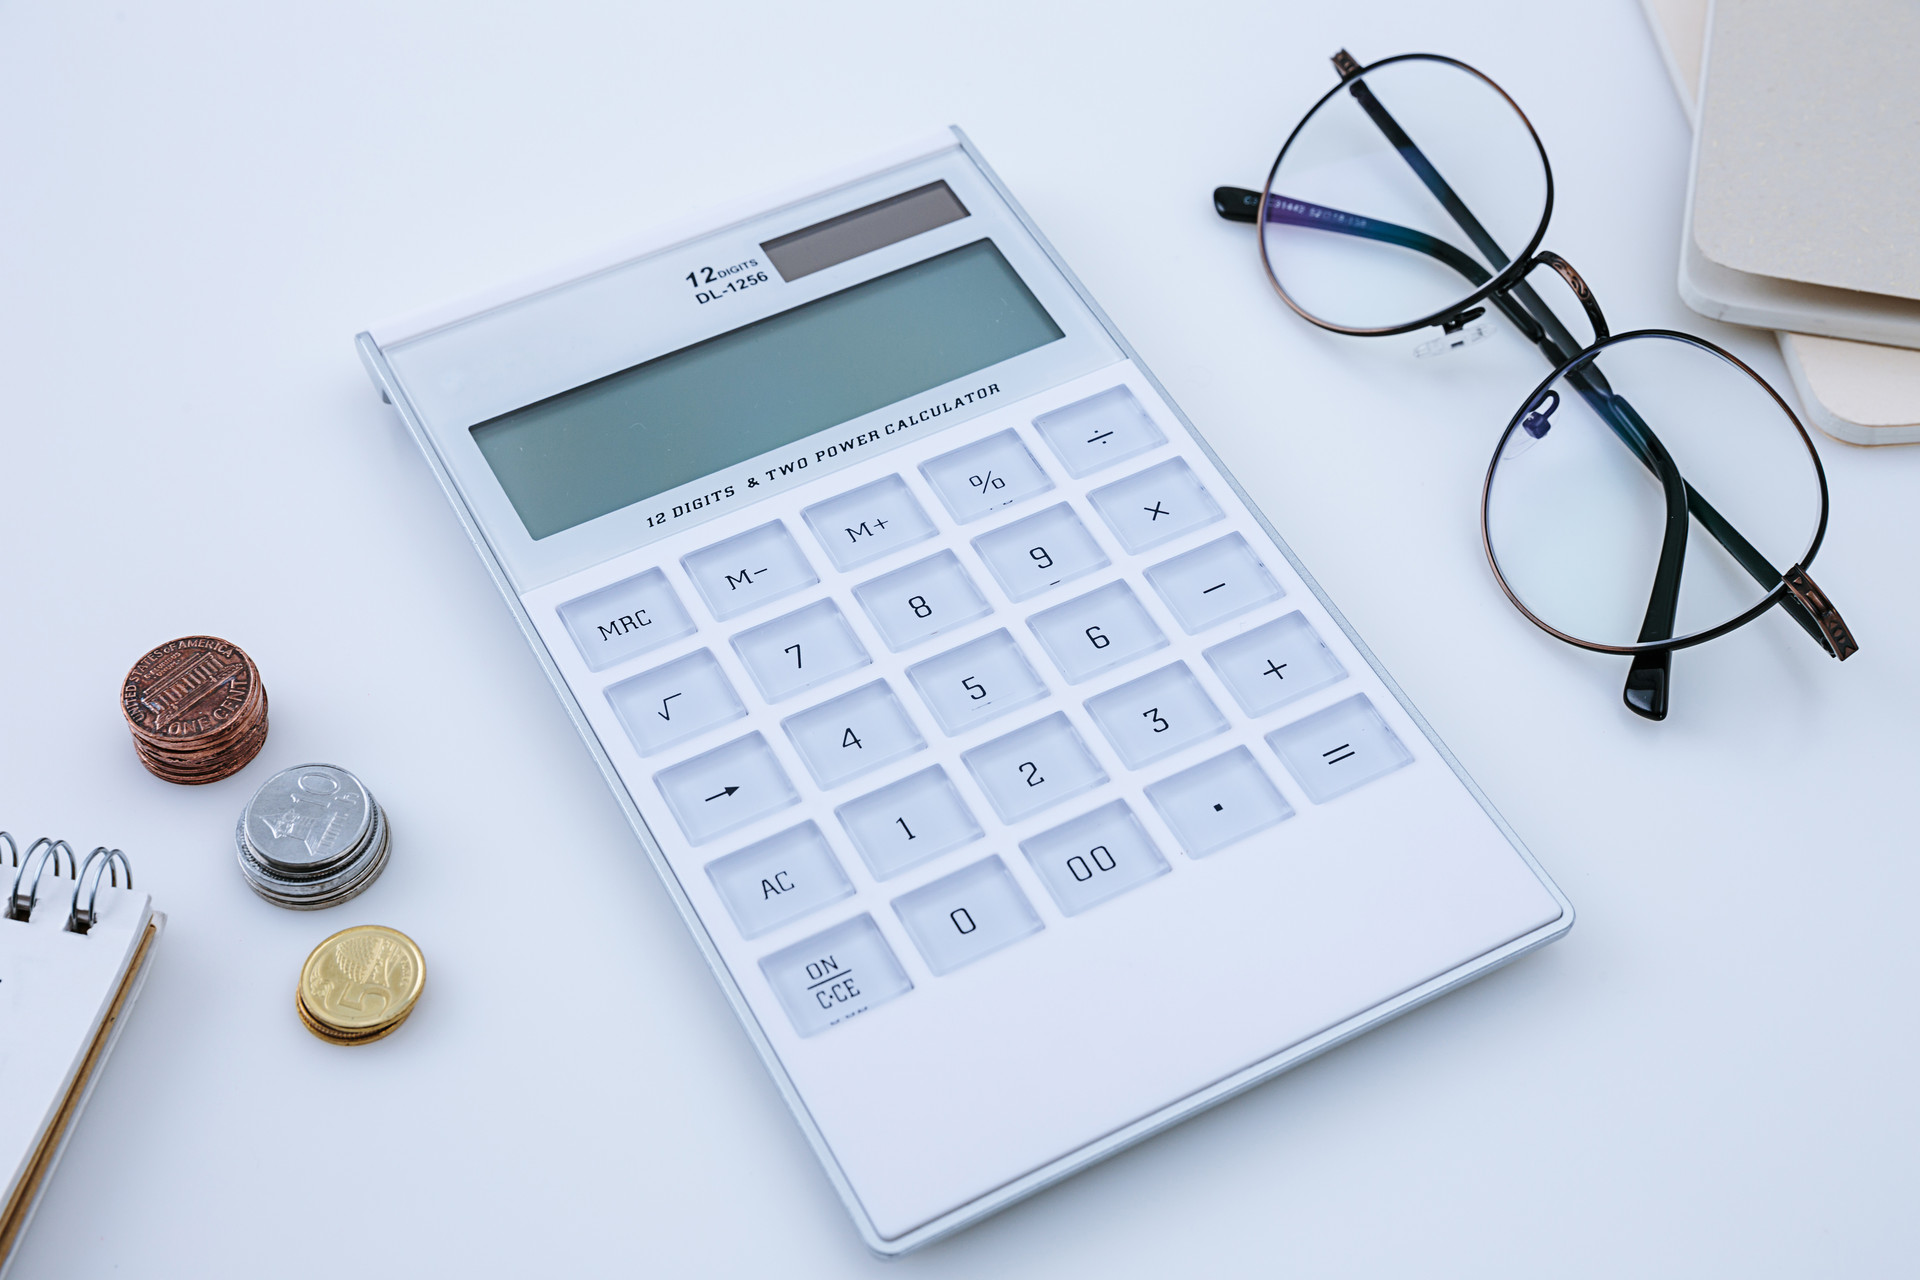 怎么把工资表快速做成工资条并发送?可以发微信吗?